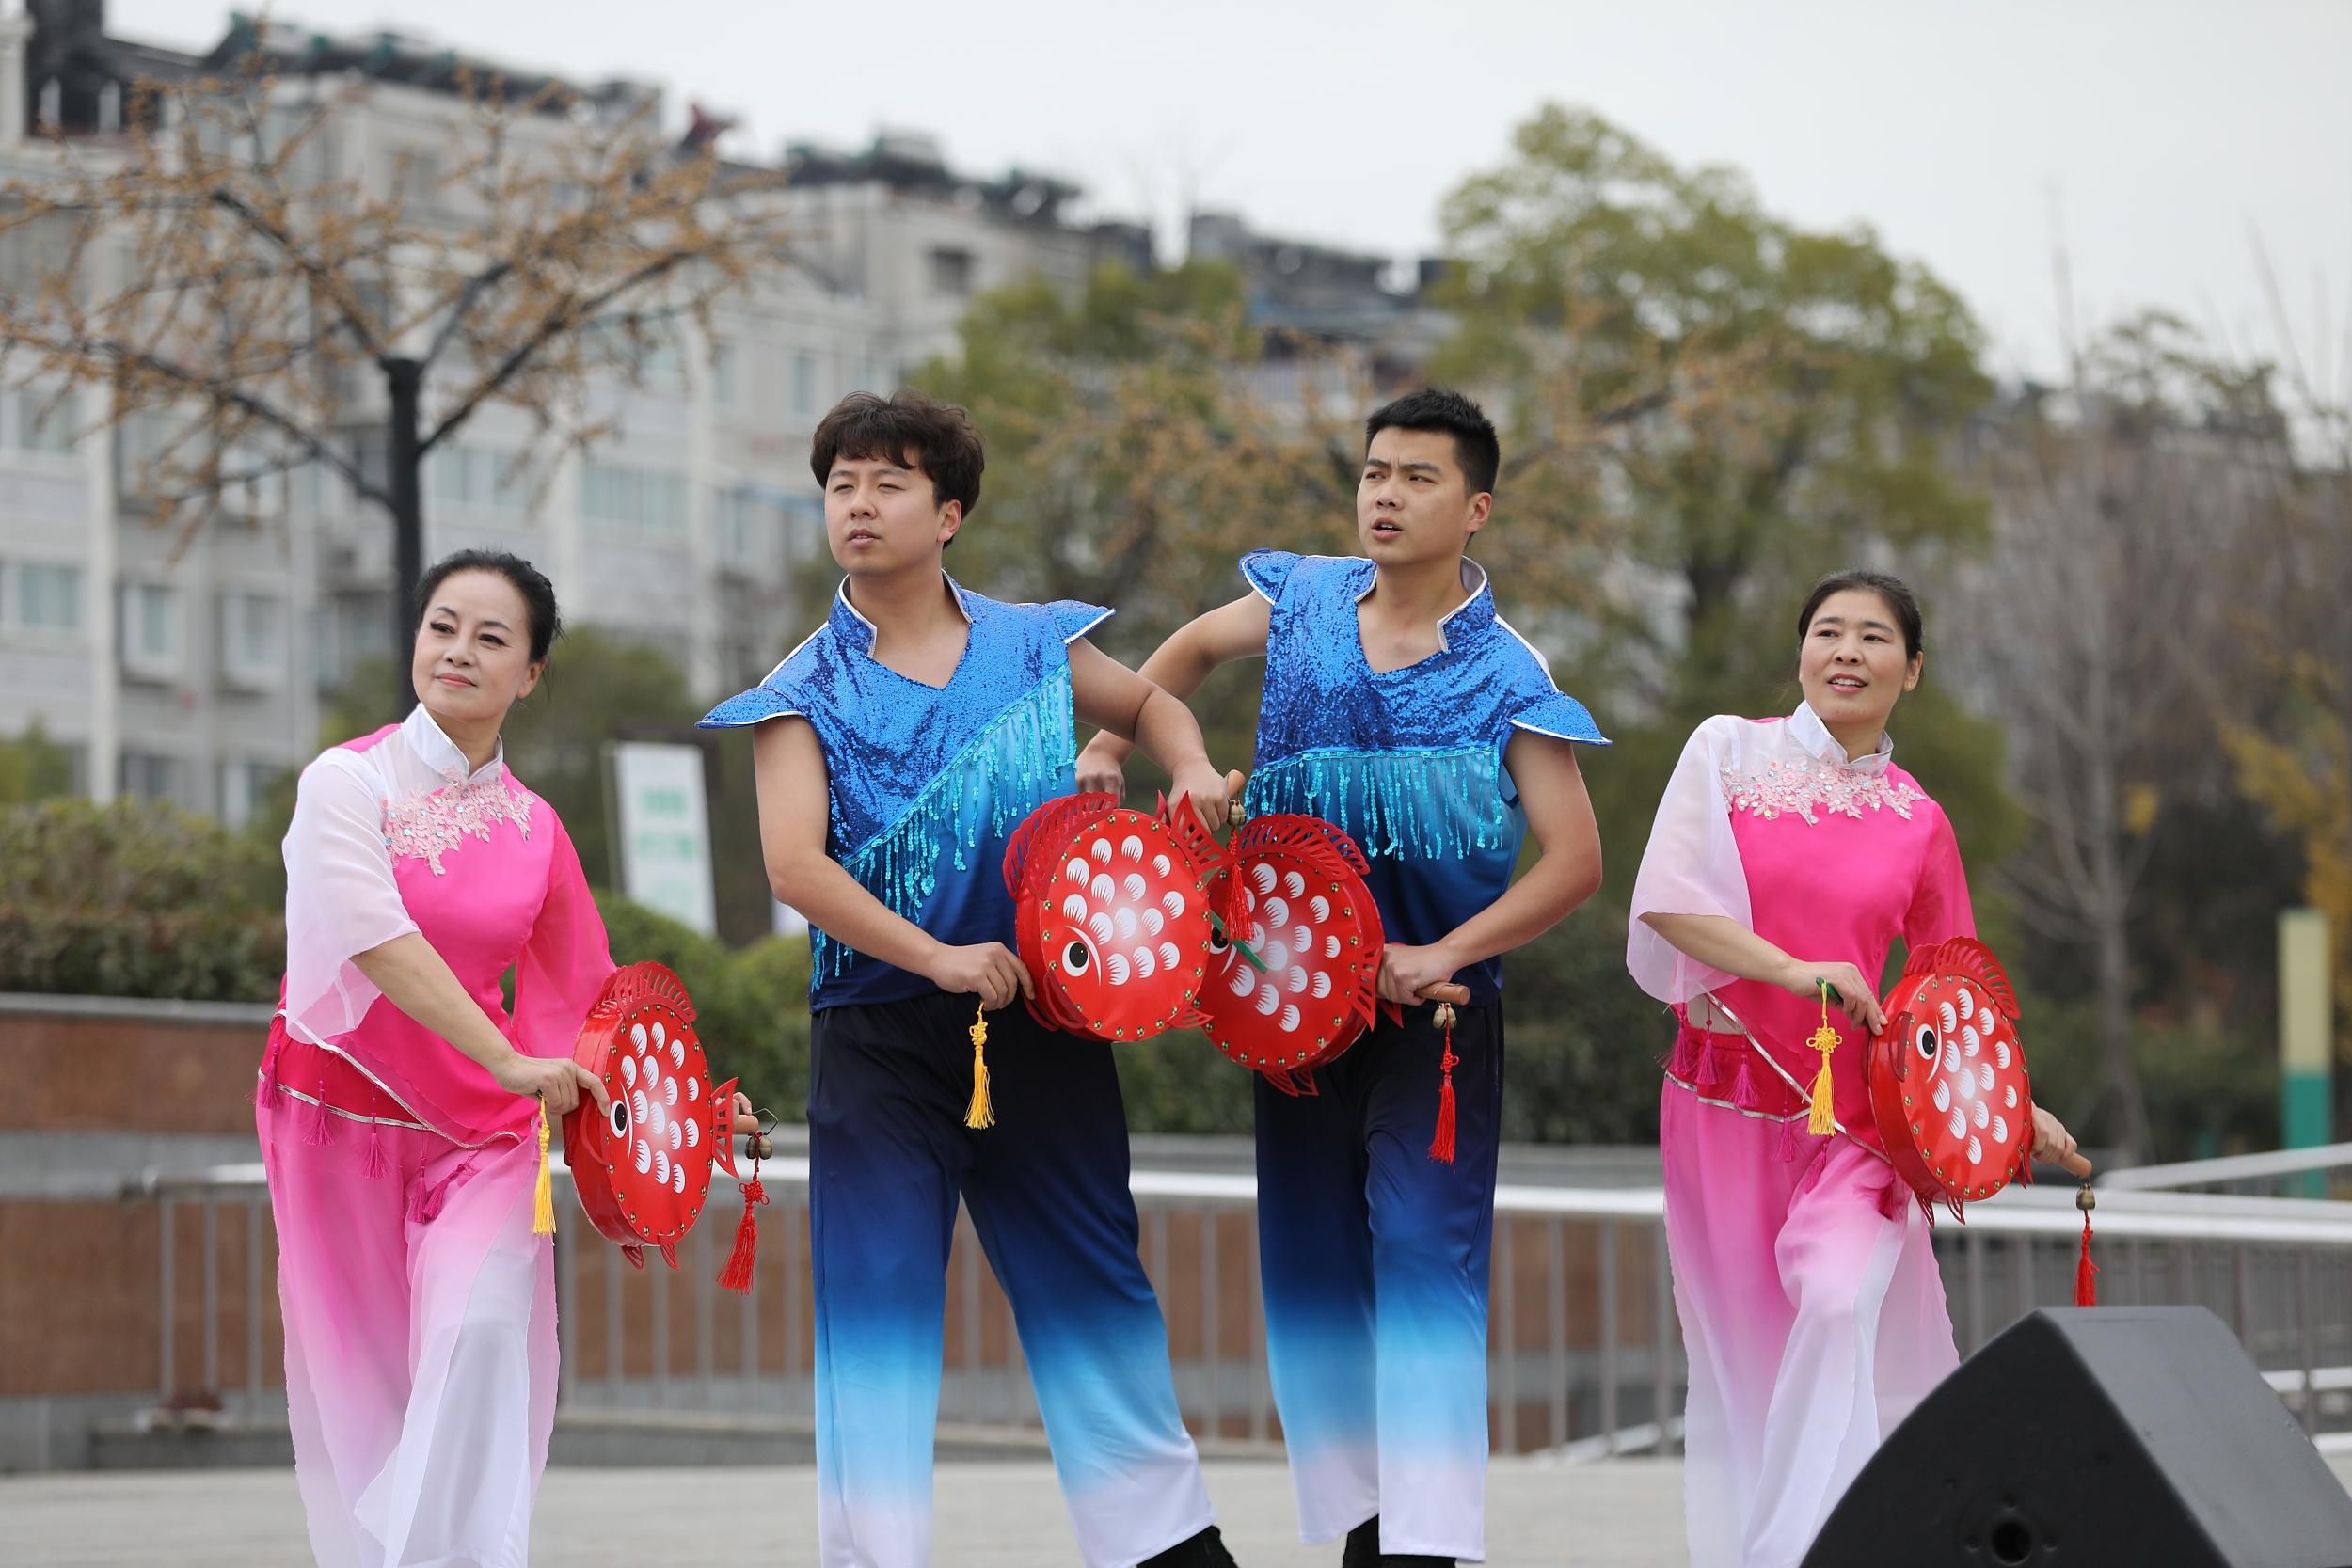 菏泽:单县首届农民运动会顺利举办